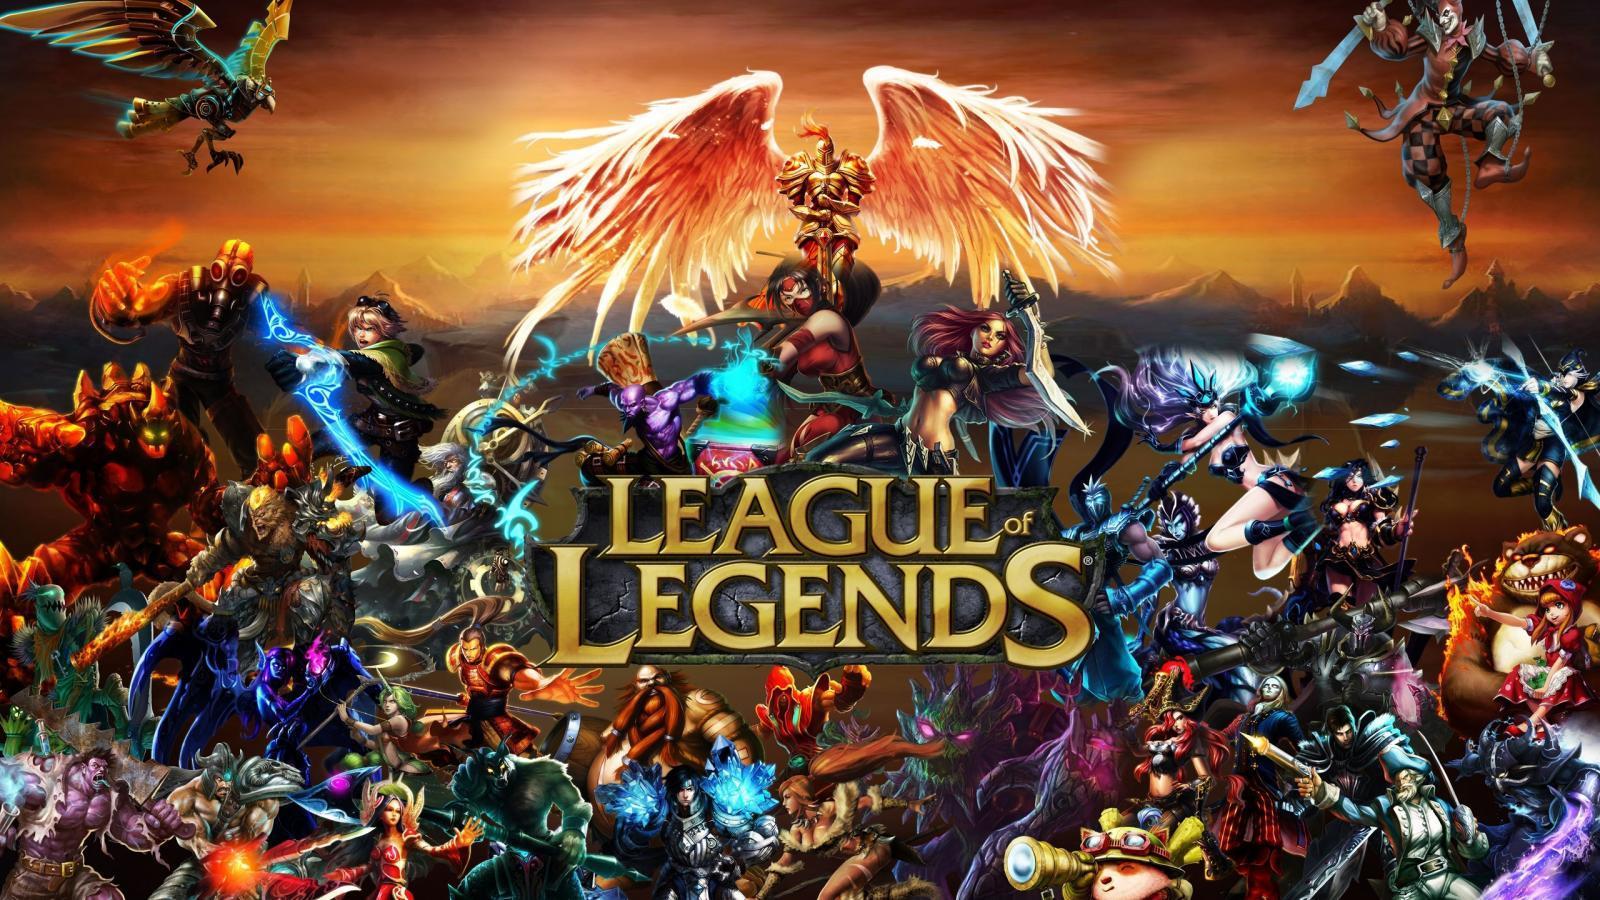 Exploraţi satul League of Legends în cadrul East European Comic Con 2016